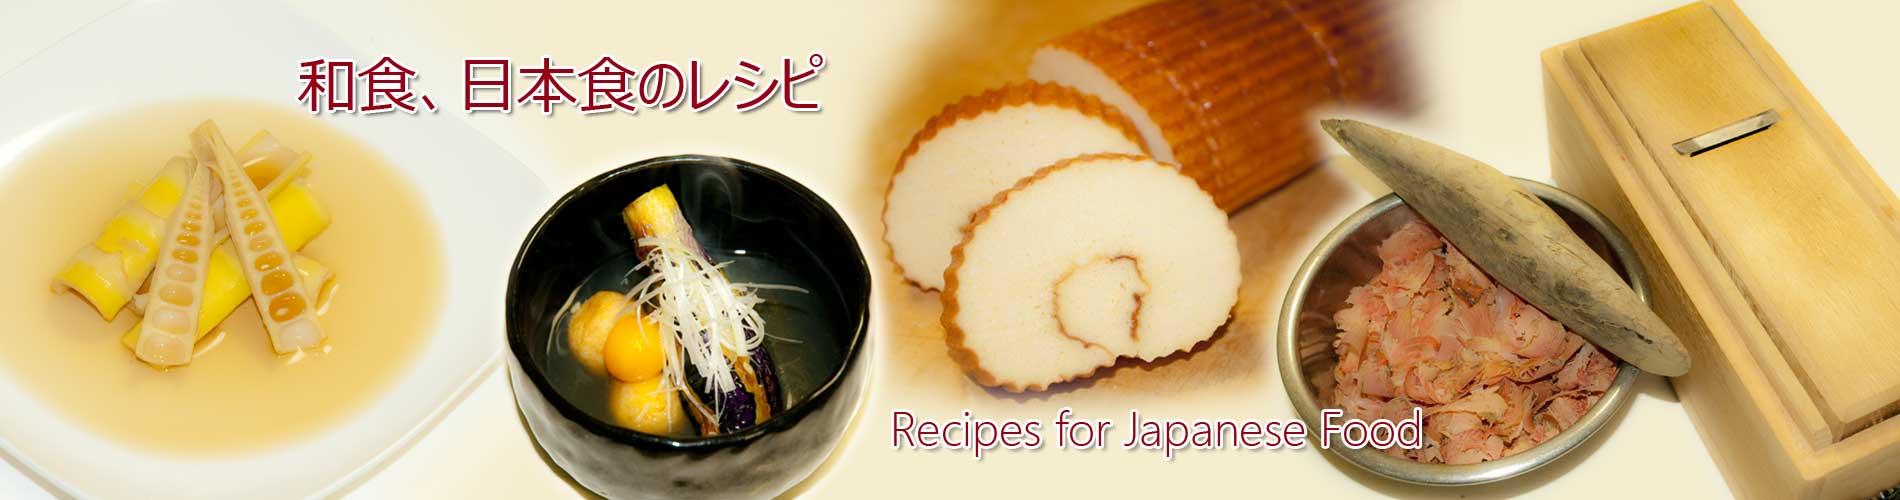 和食、日本食のレシピ集